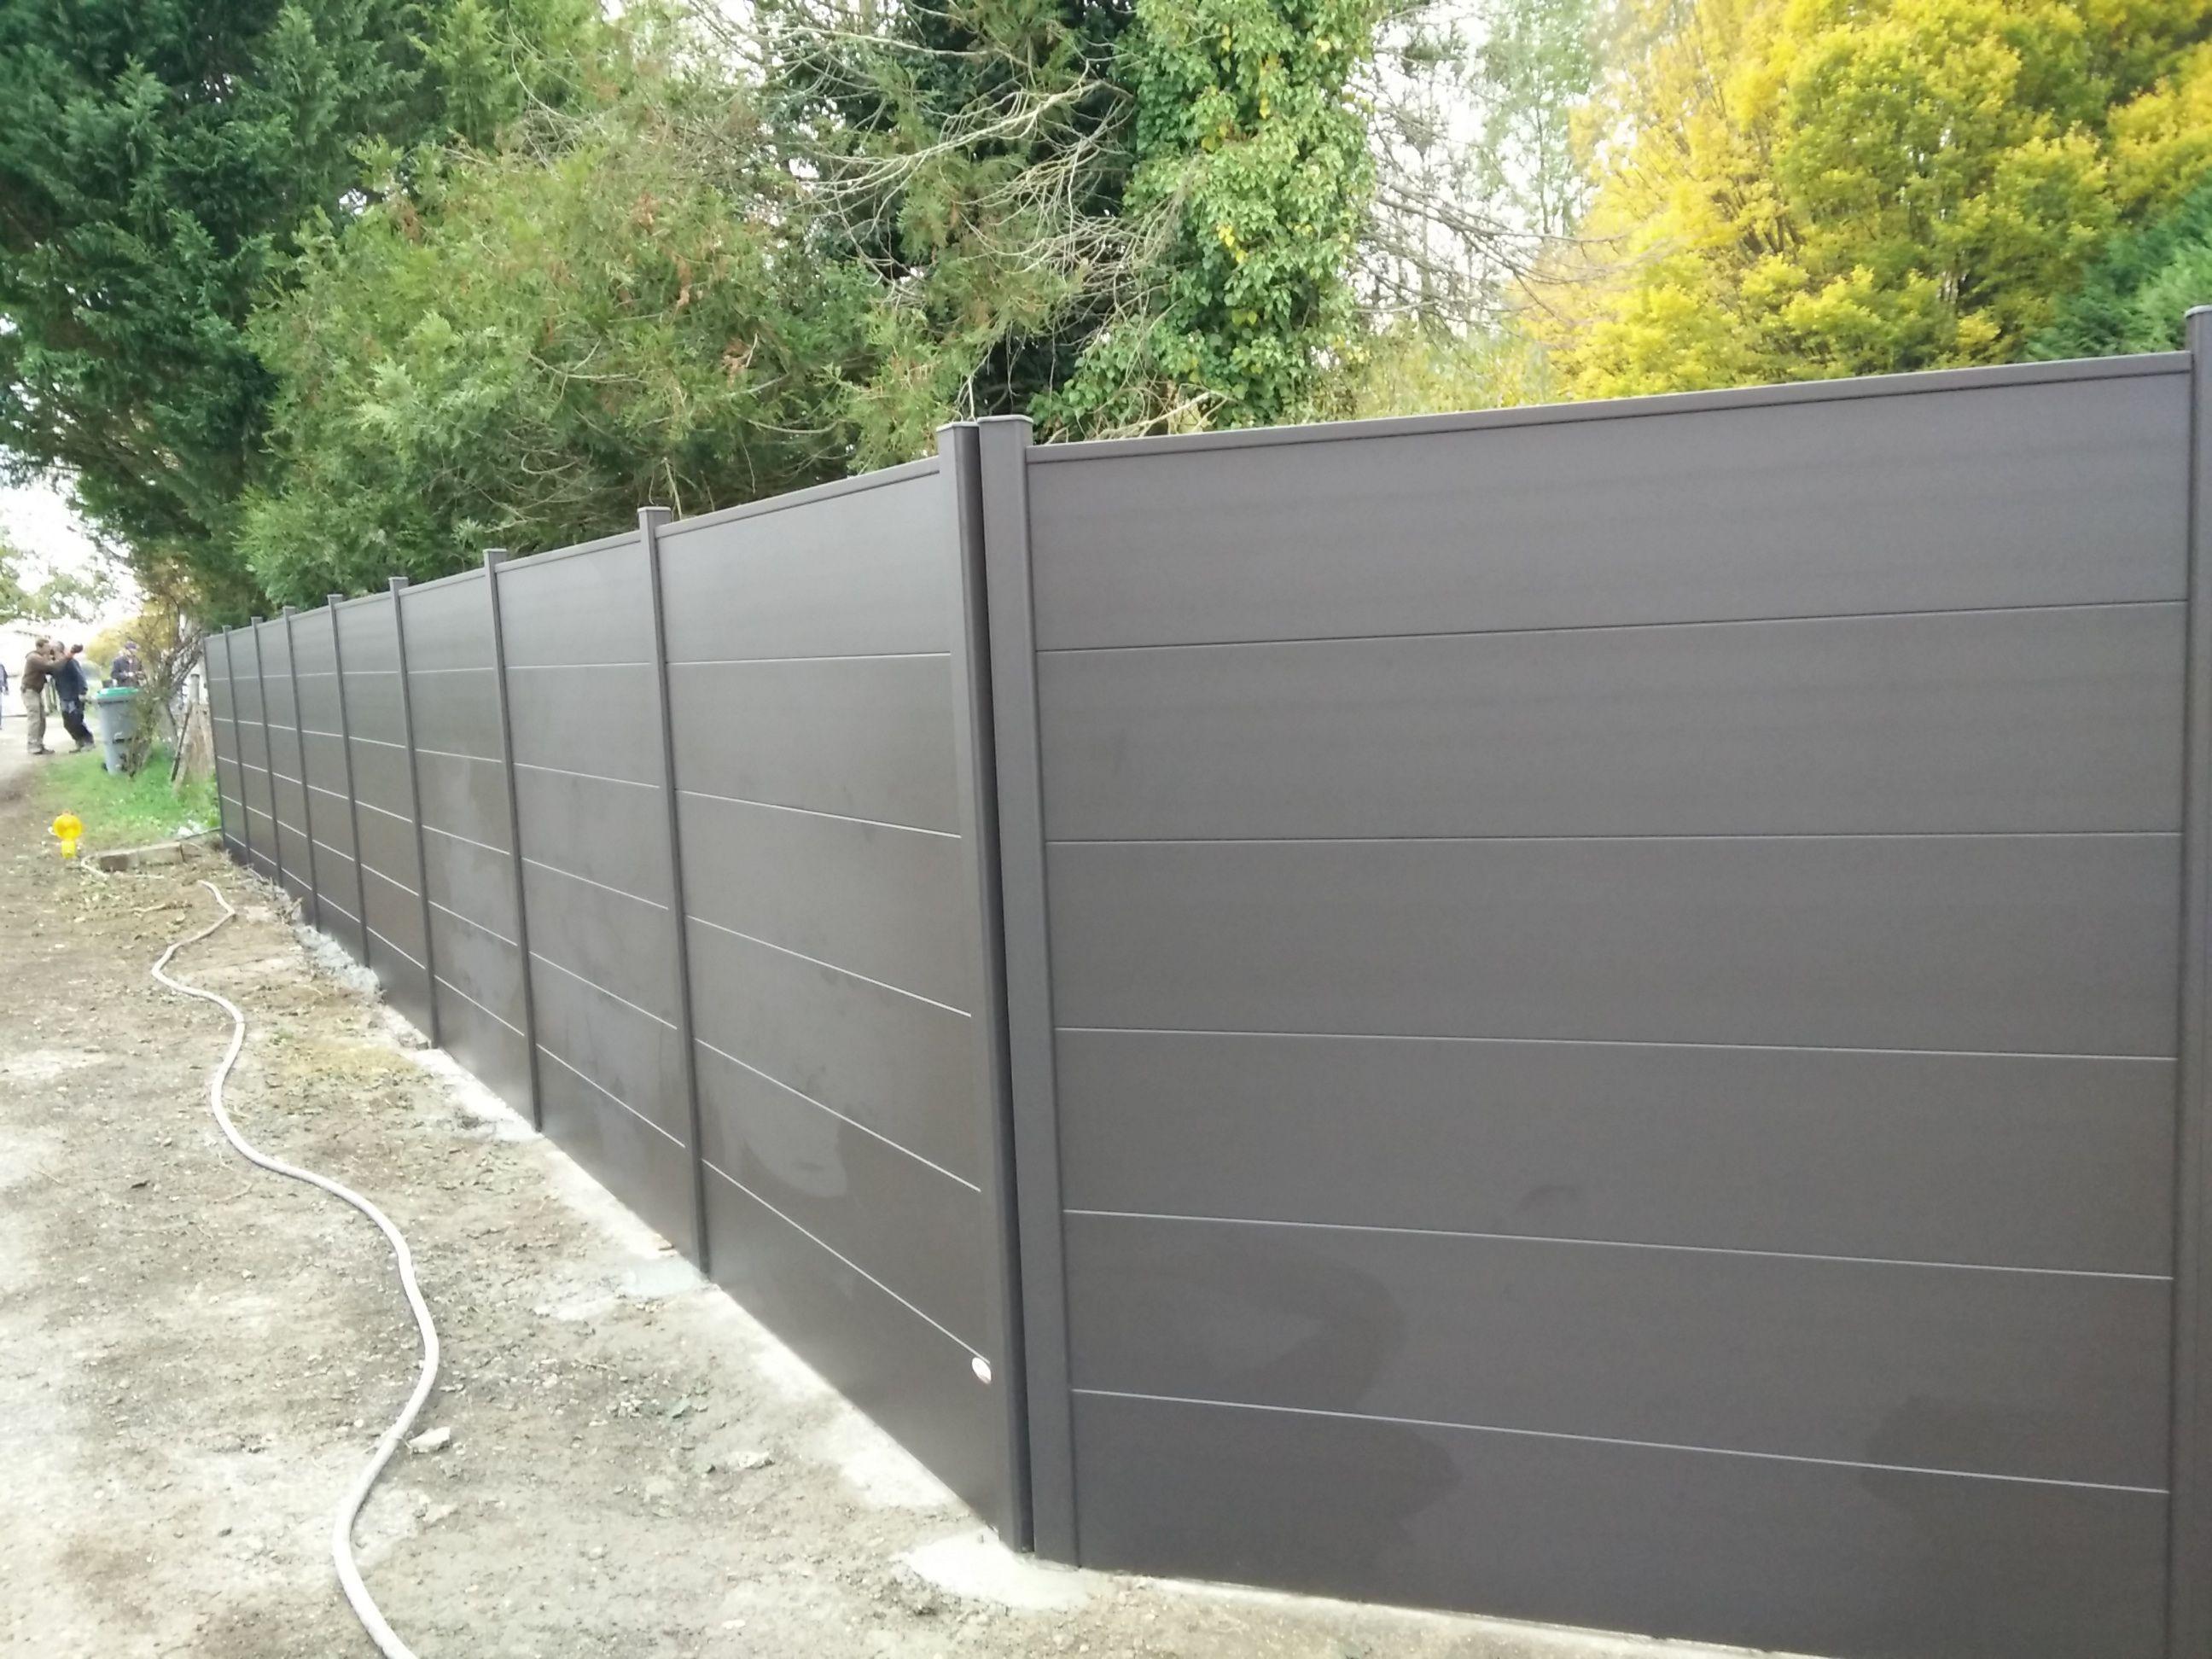 cl ture alu contemporaine larges lames pour un aspect moderne couleur gris brun ral 8019. Black Bedroom Furniture Sets. Home Design Ideas